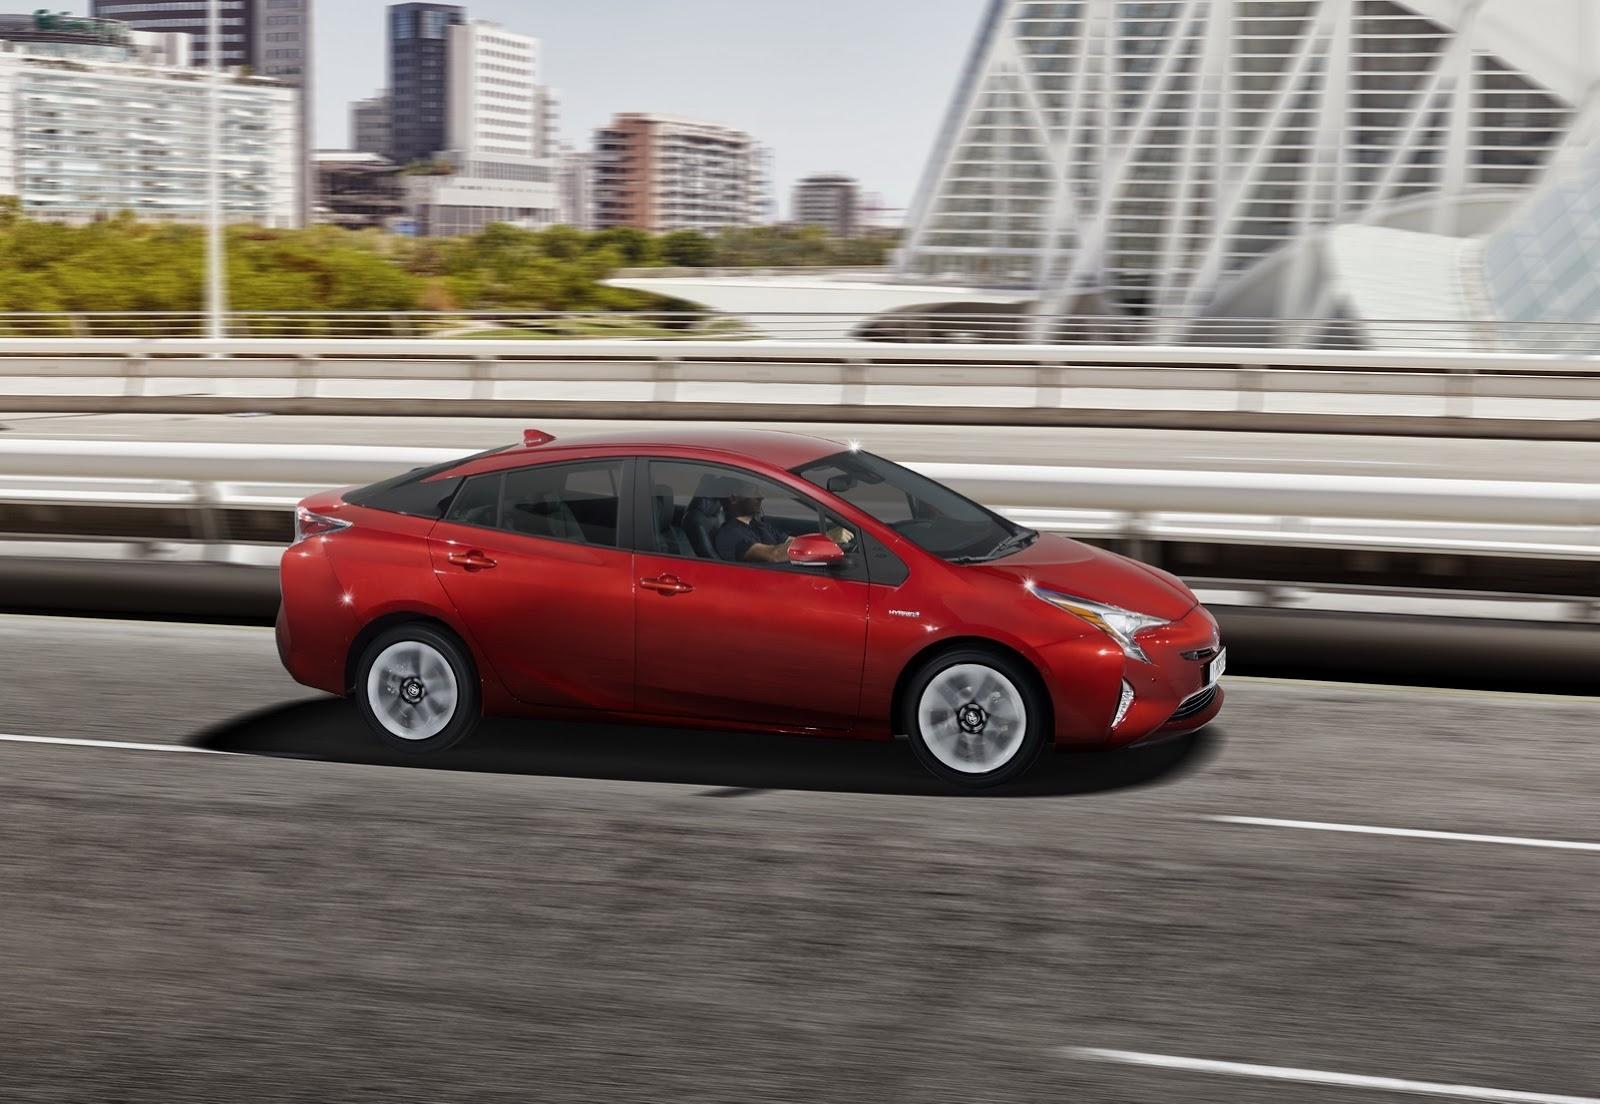 Toyota Приус гибрид обзор #10